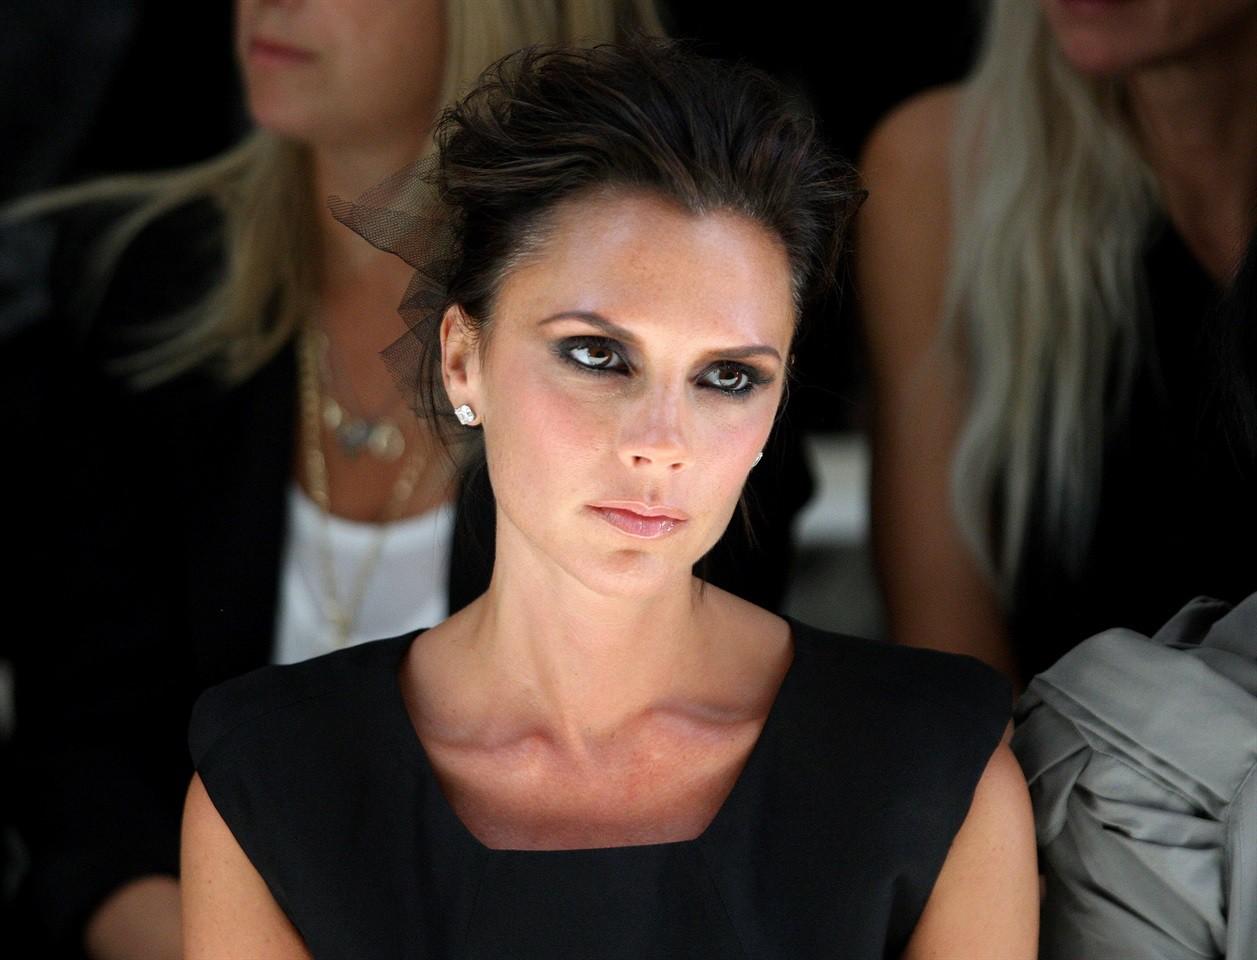 Victoria phẫn nộ vì David Beckham tiết lộ nhà bị trộm để đánh lạc hướng dư luận khỏi cuộc hôn nhân trục trặc - Ảnh 1.